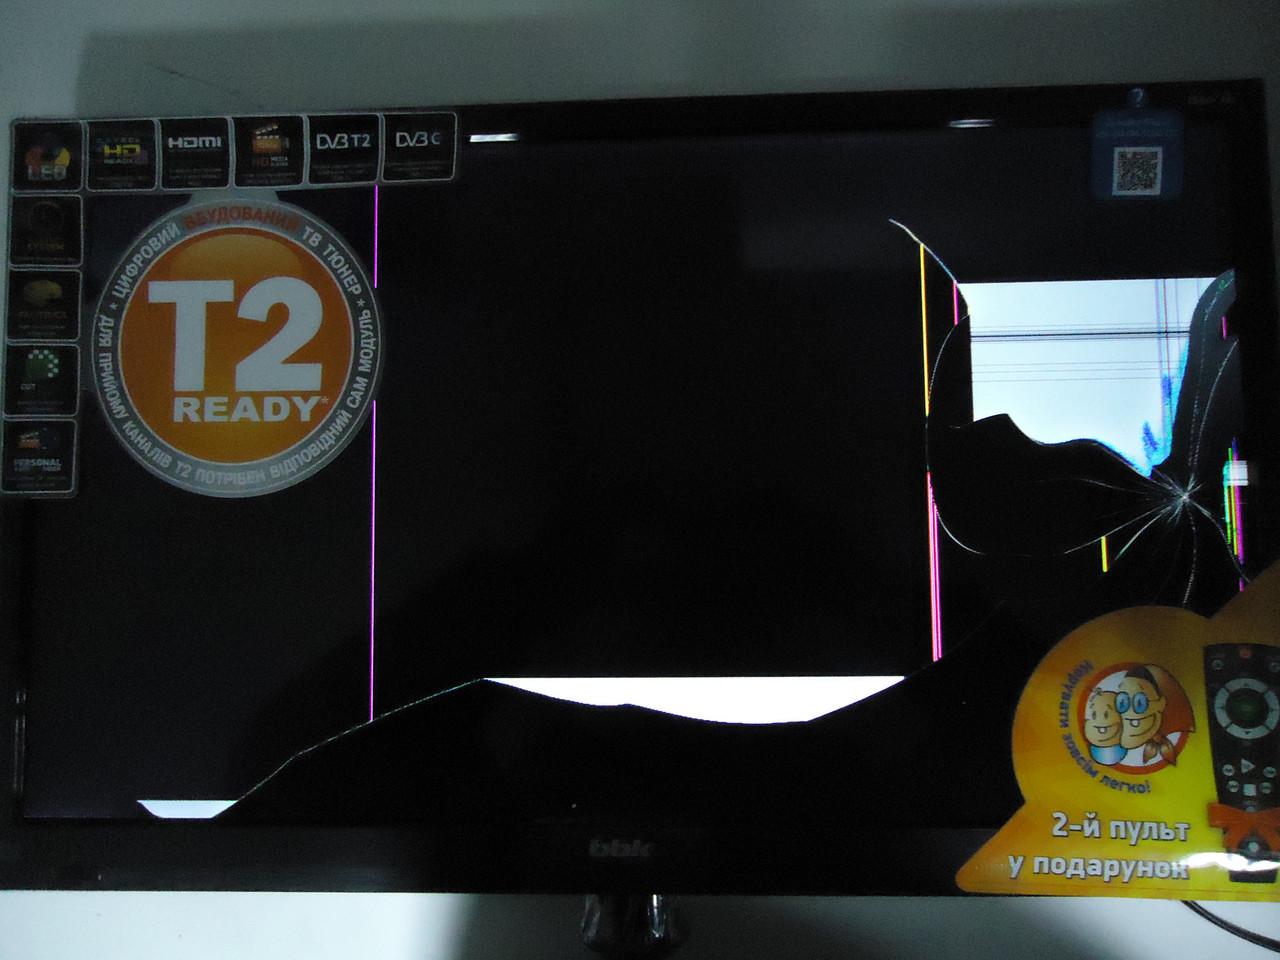 """Телевизор 24"""" BBK 24LEM-1004 на запчасти (JUC7.820.00085101, AY034D-2MF12, AY034D-2HF, 3BS0038614)"""